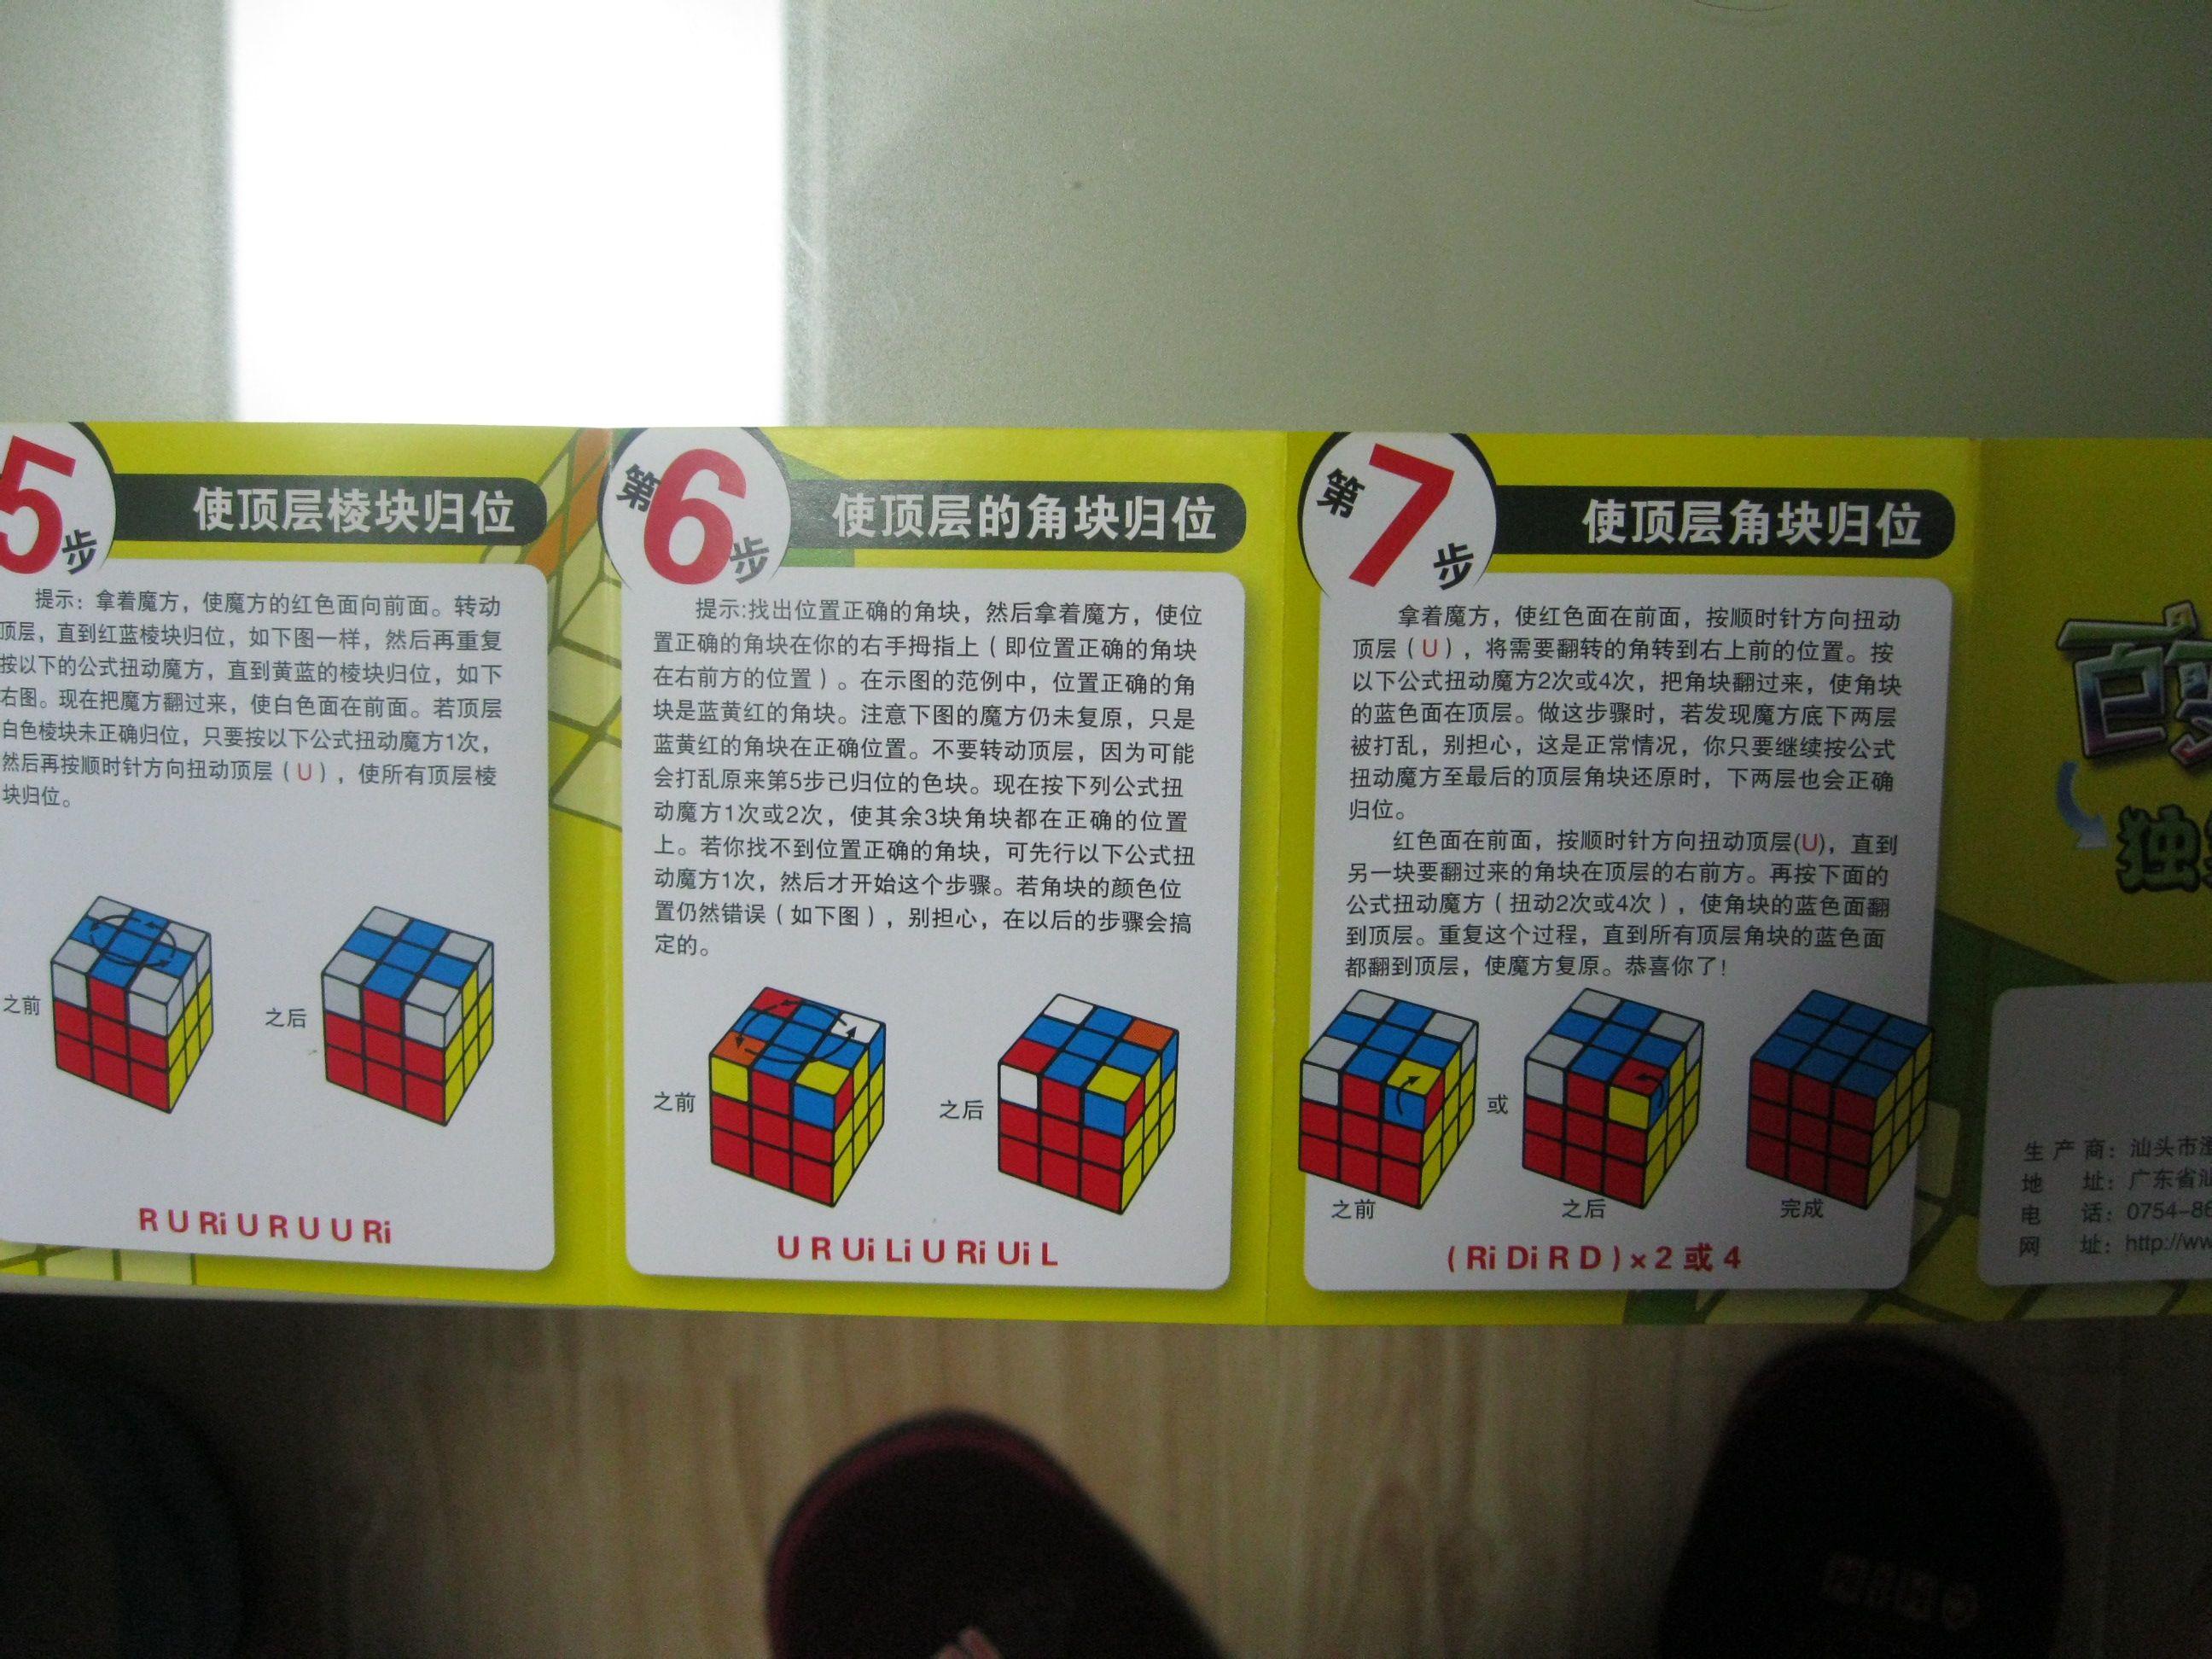 魔方公式 魔方公式口诀 魔方教程一步一步图解 魔方口诀上下左右图片